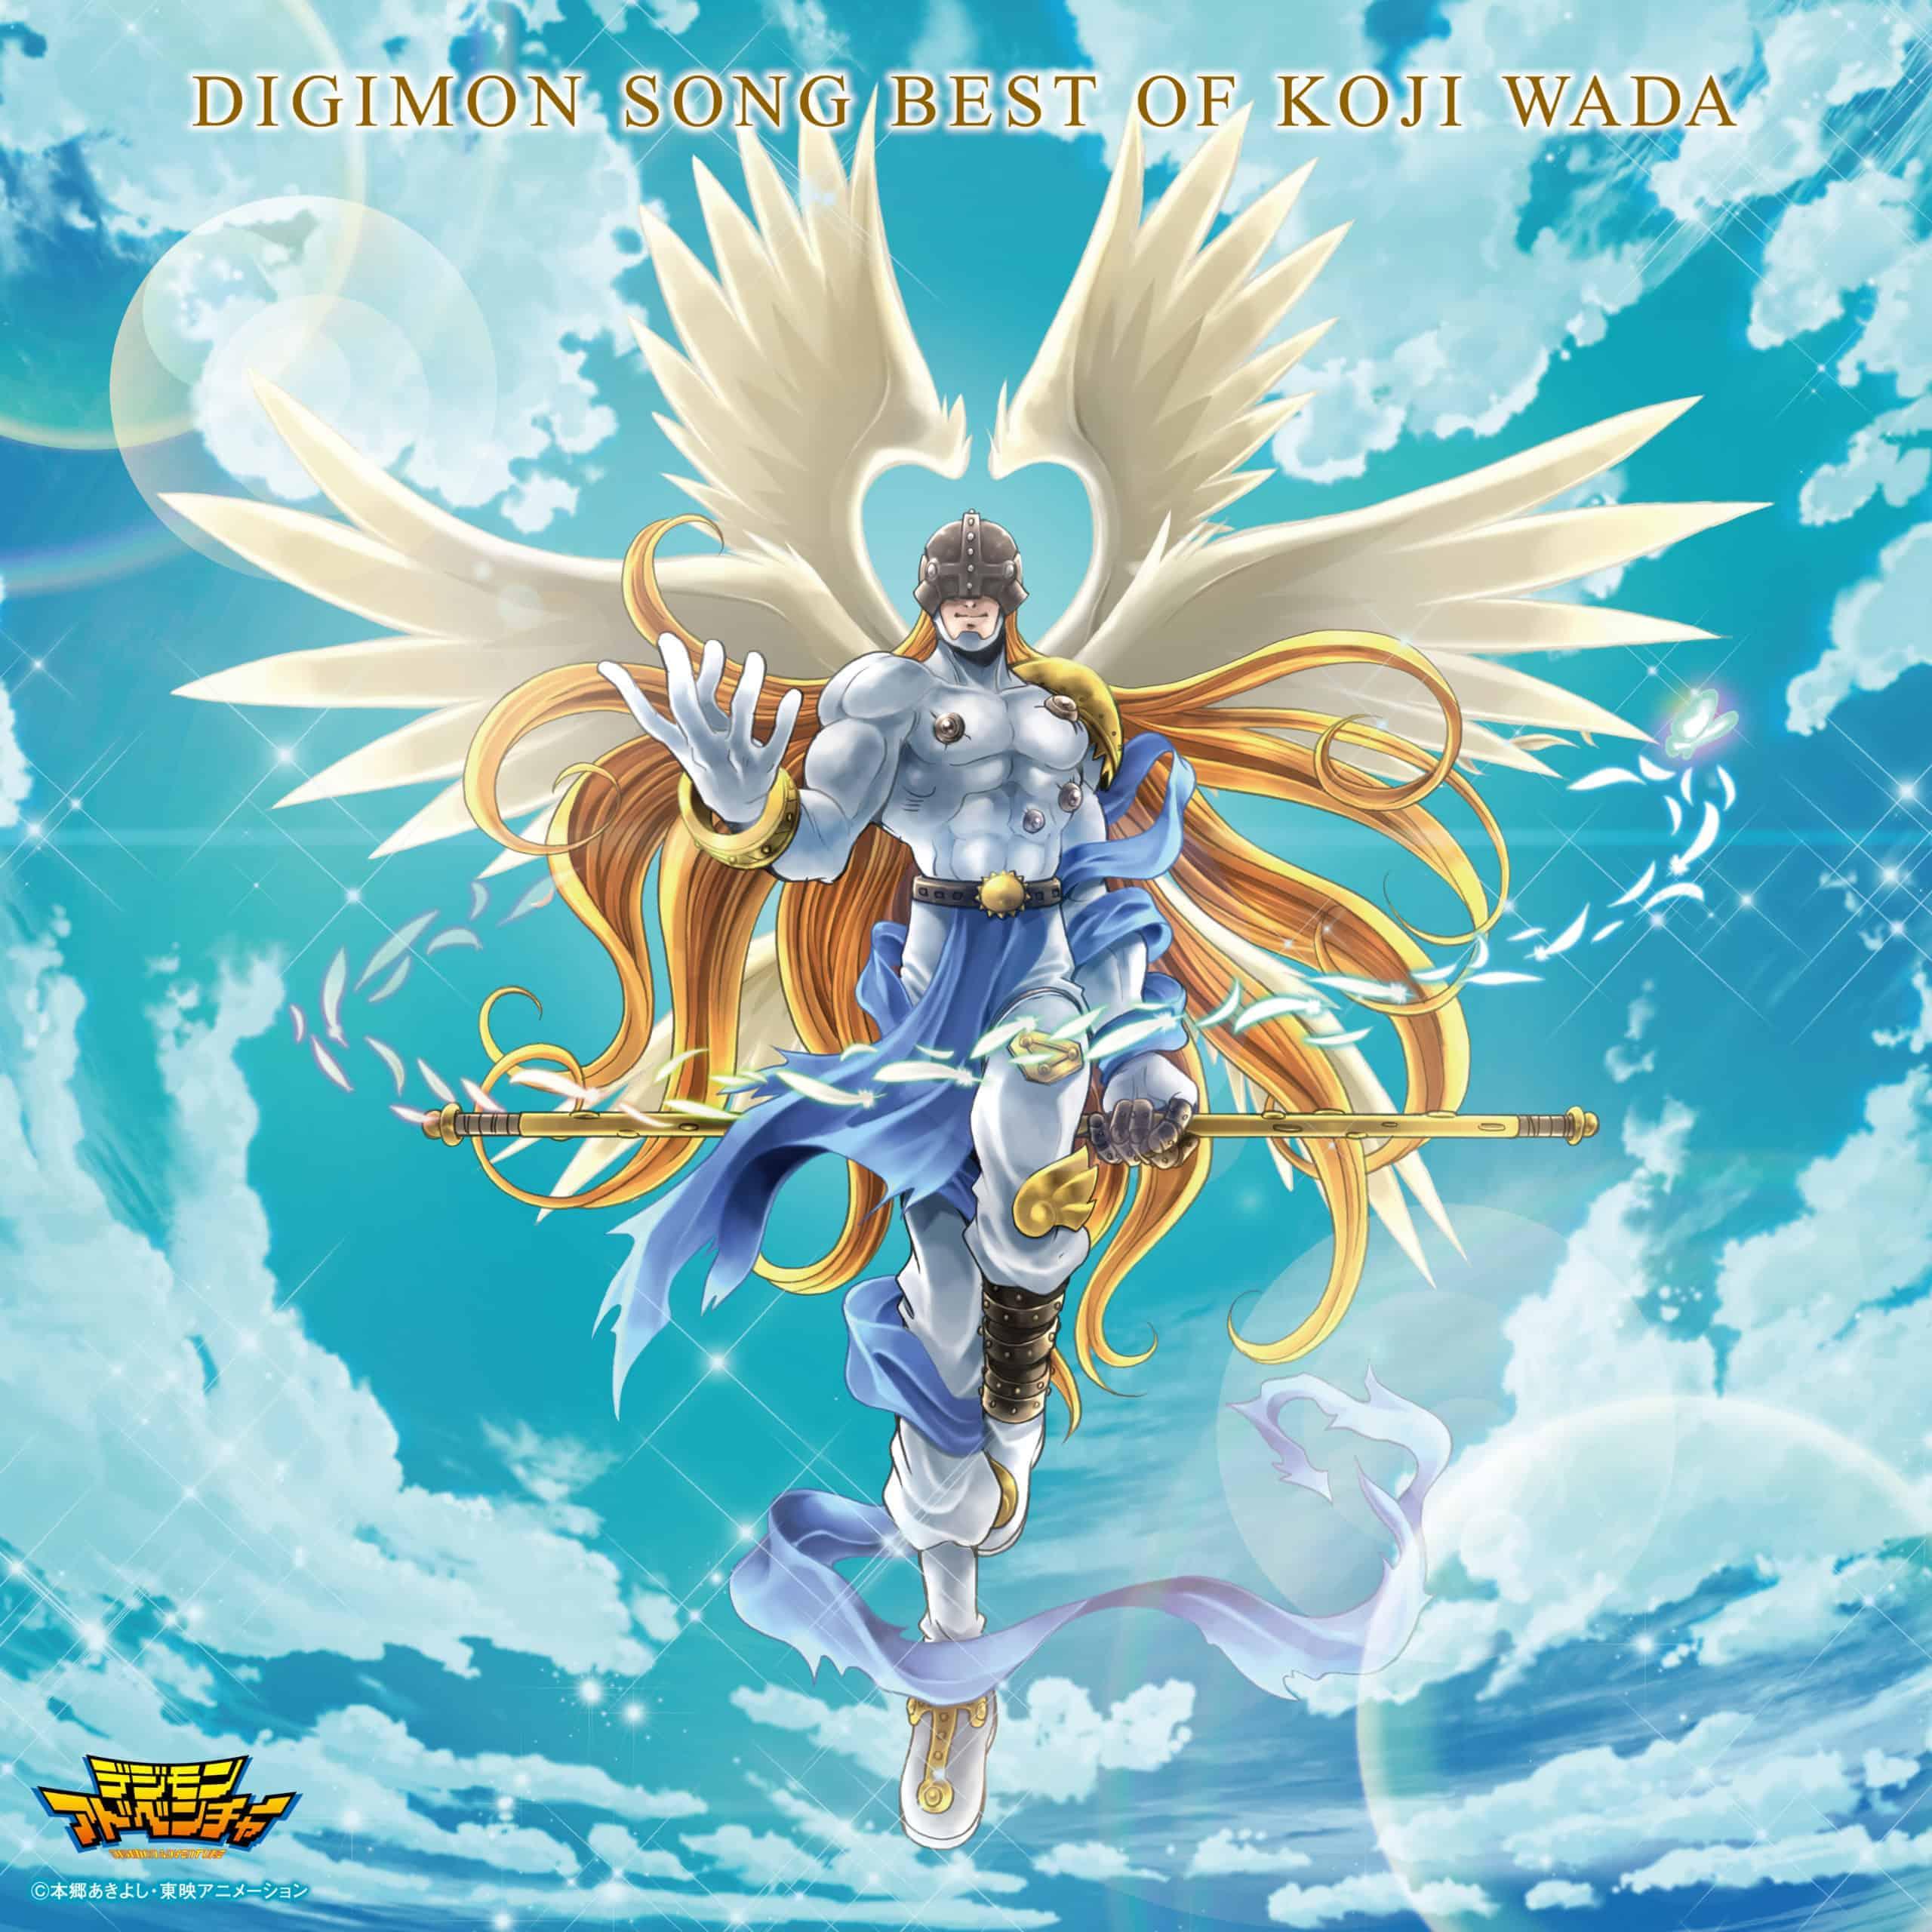 和田光司 – DIGIMON SONG BEST OF KOJI WADA